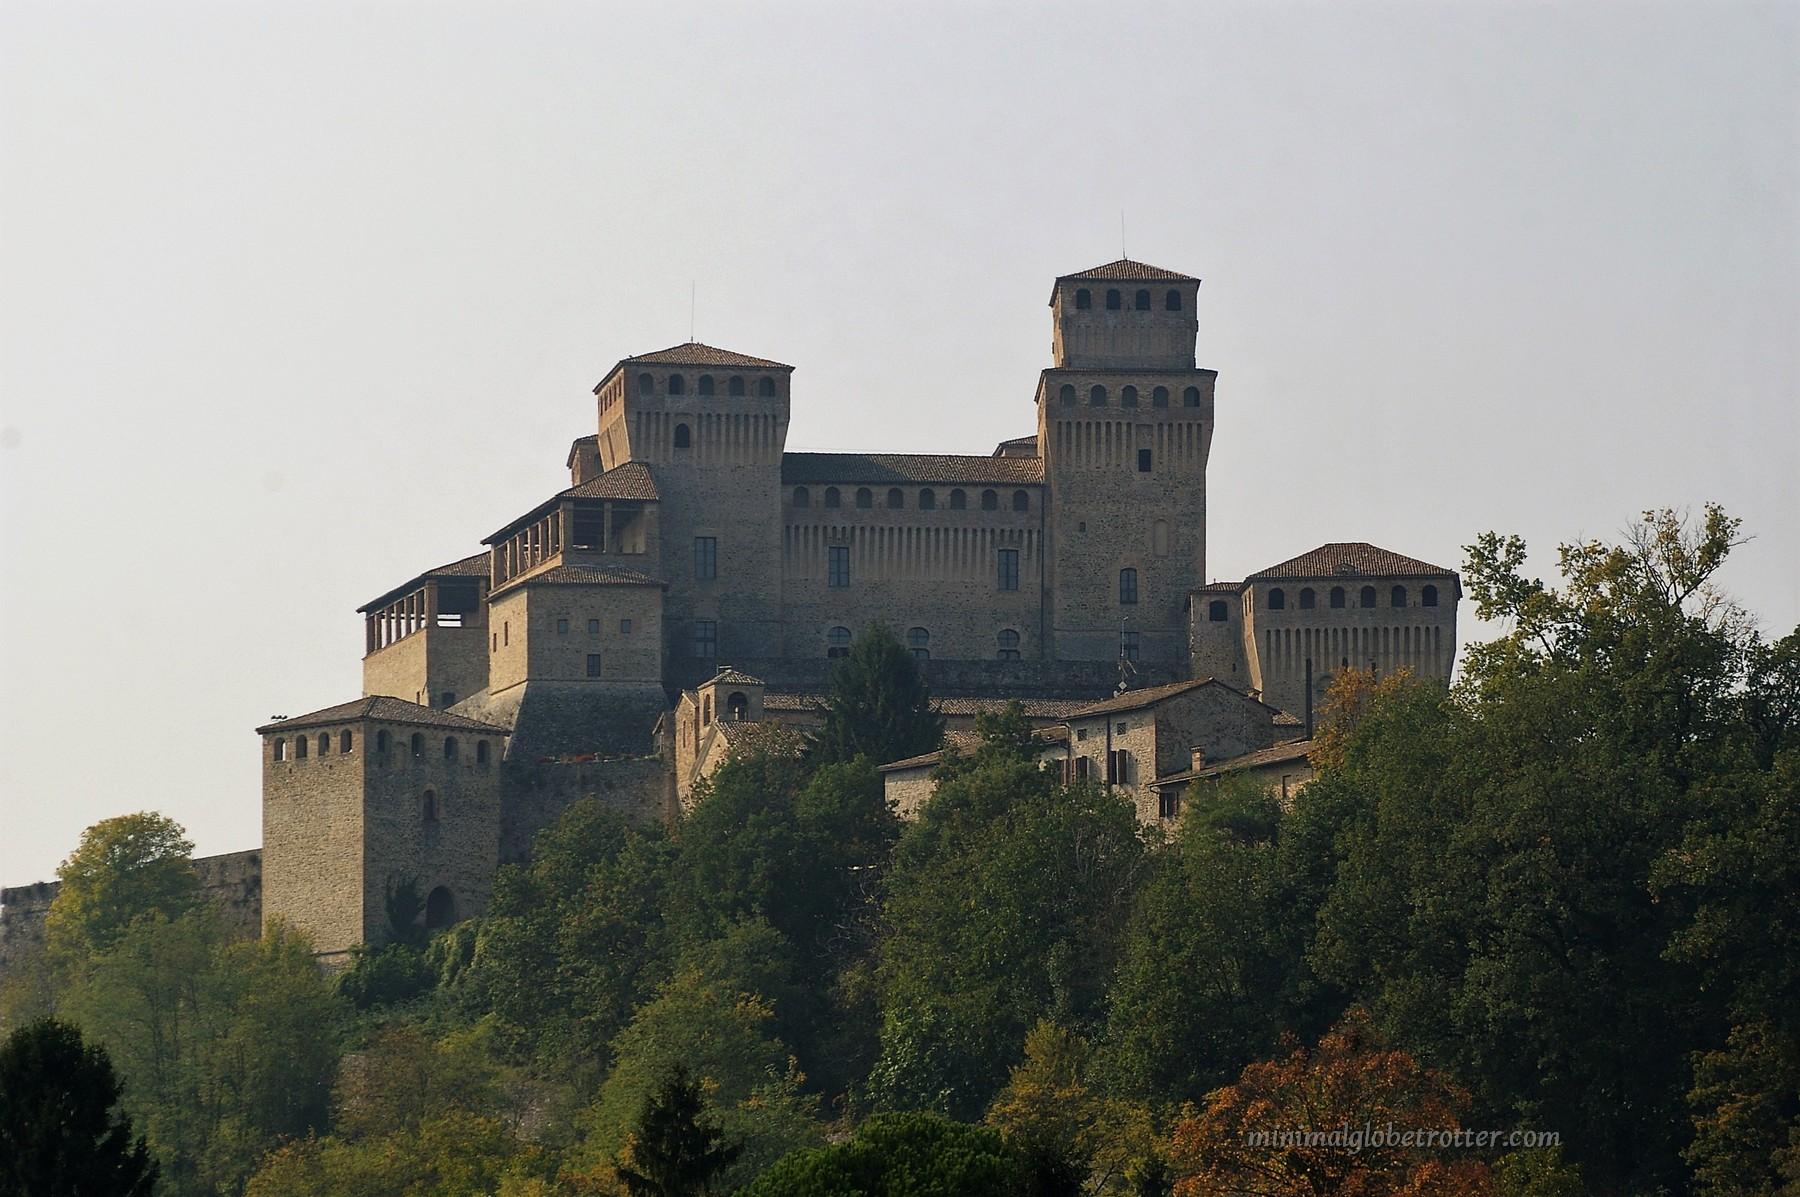 Castelli del ducato castello di Torre Chiara